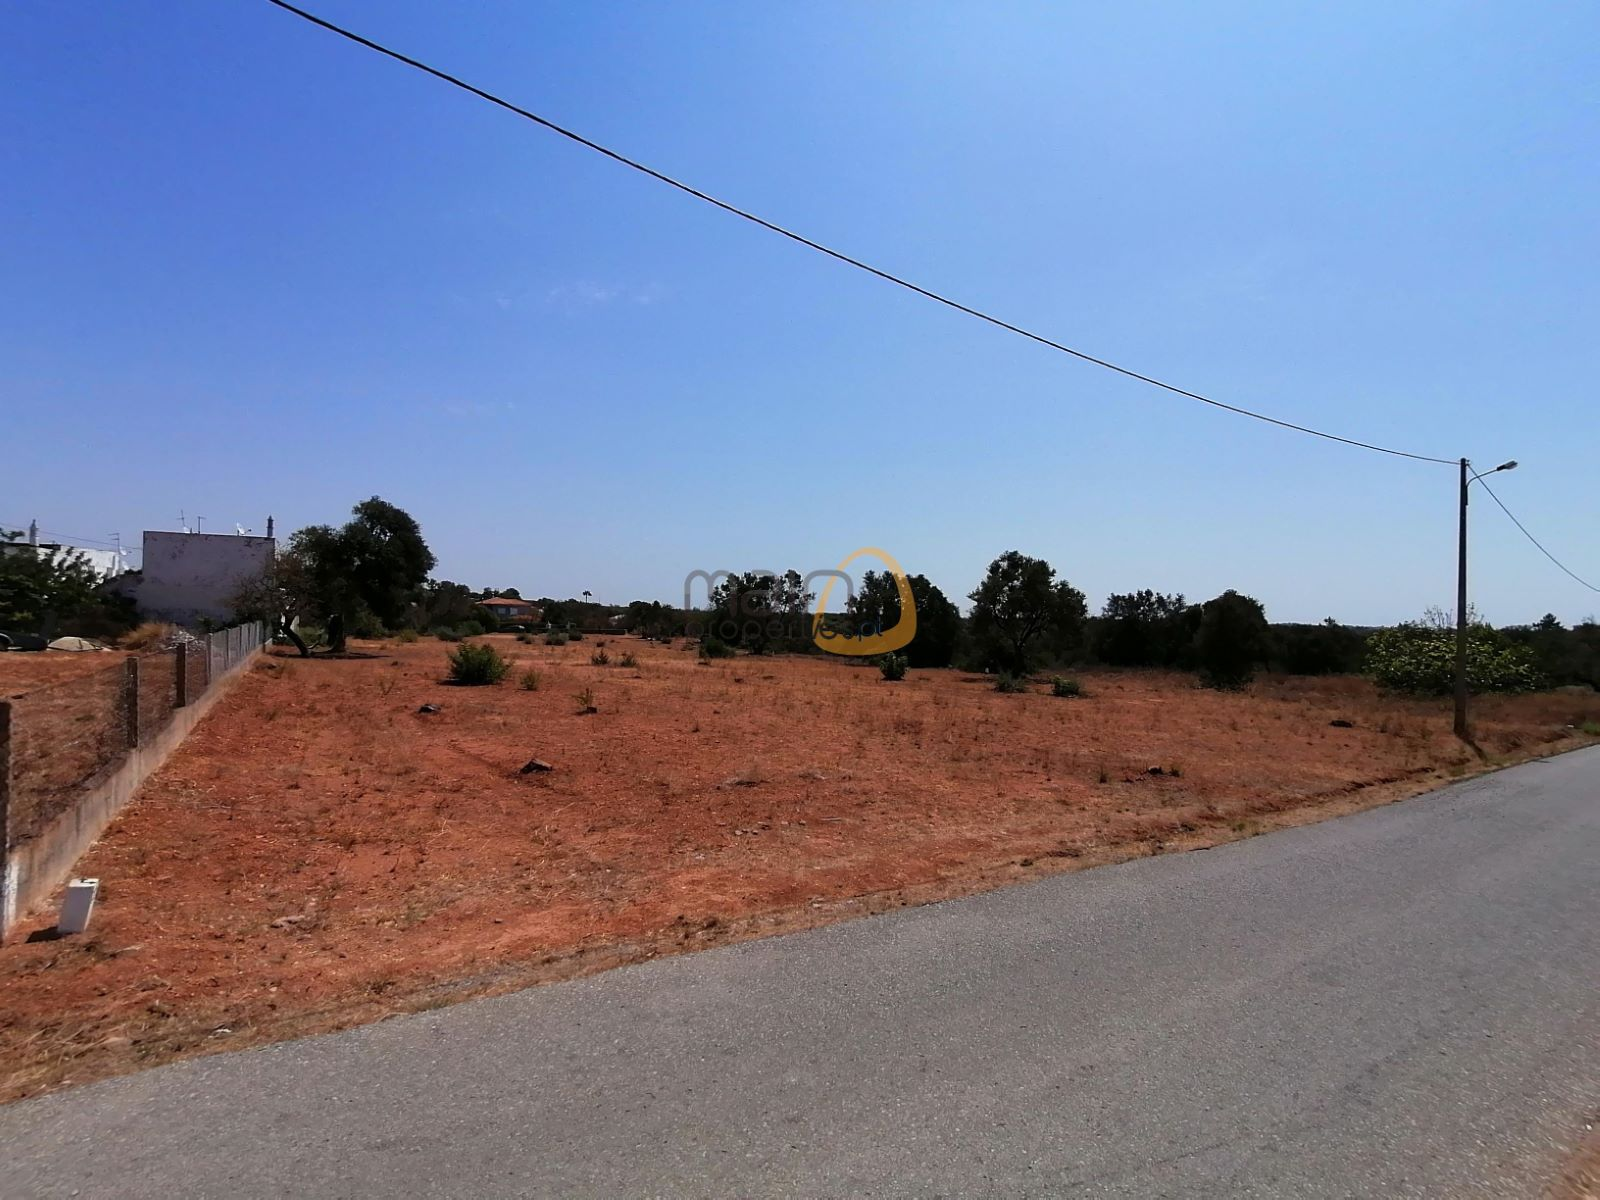 Terreno para construção de Moradias / Apartamentos / Condomínio a sul de Almancil